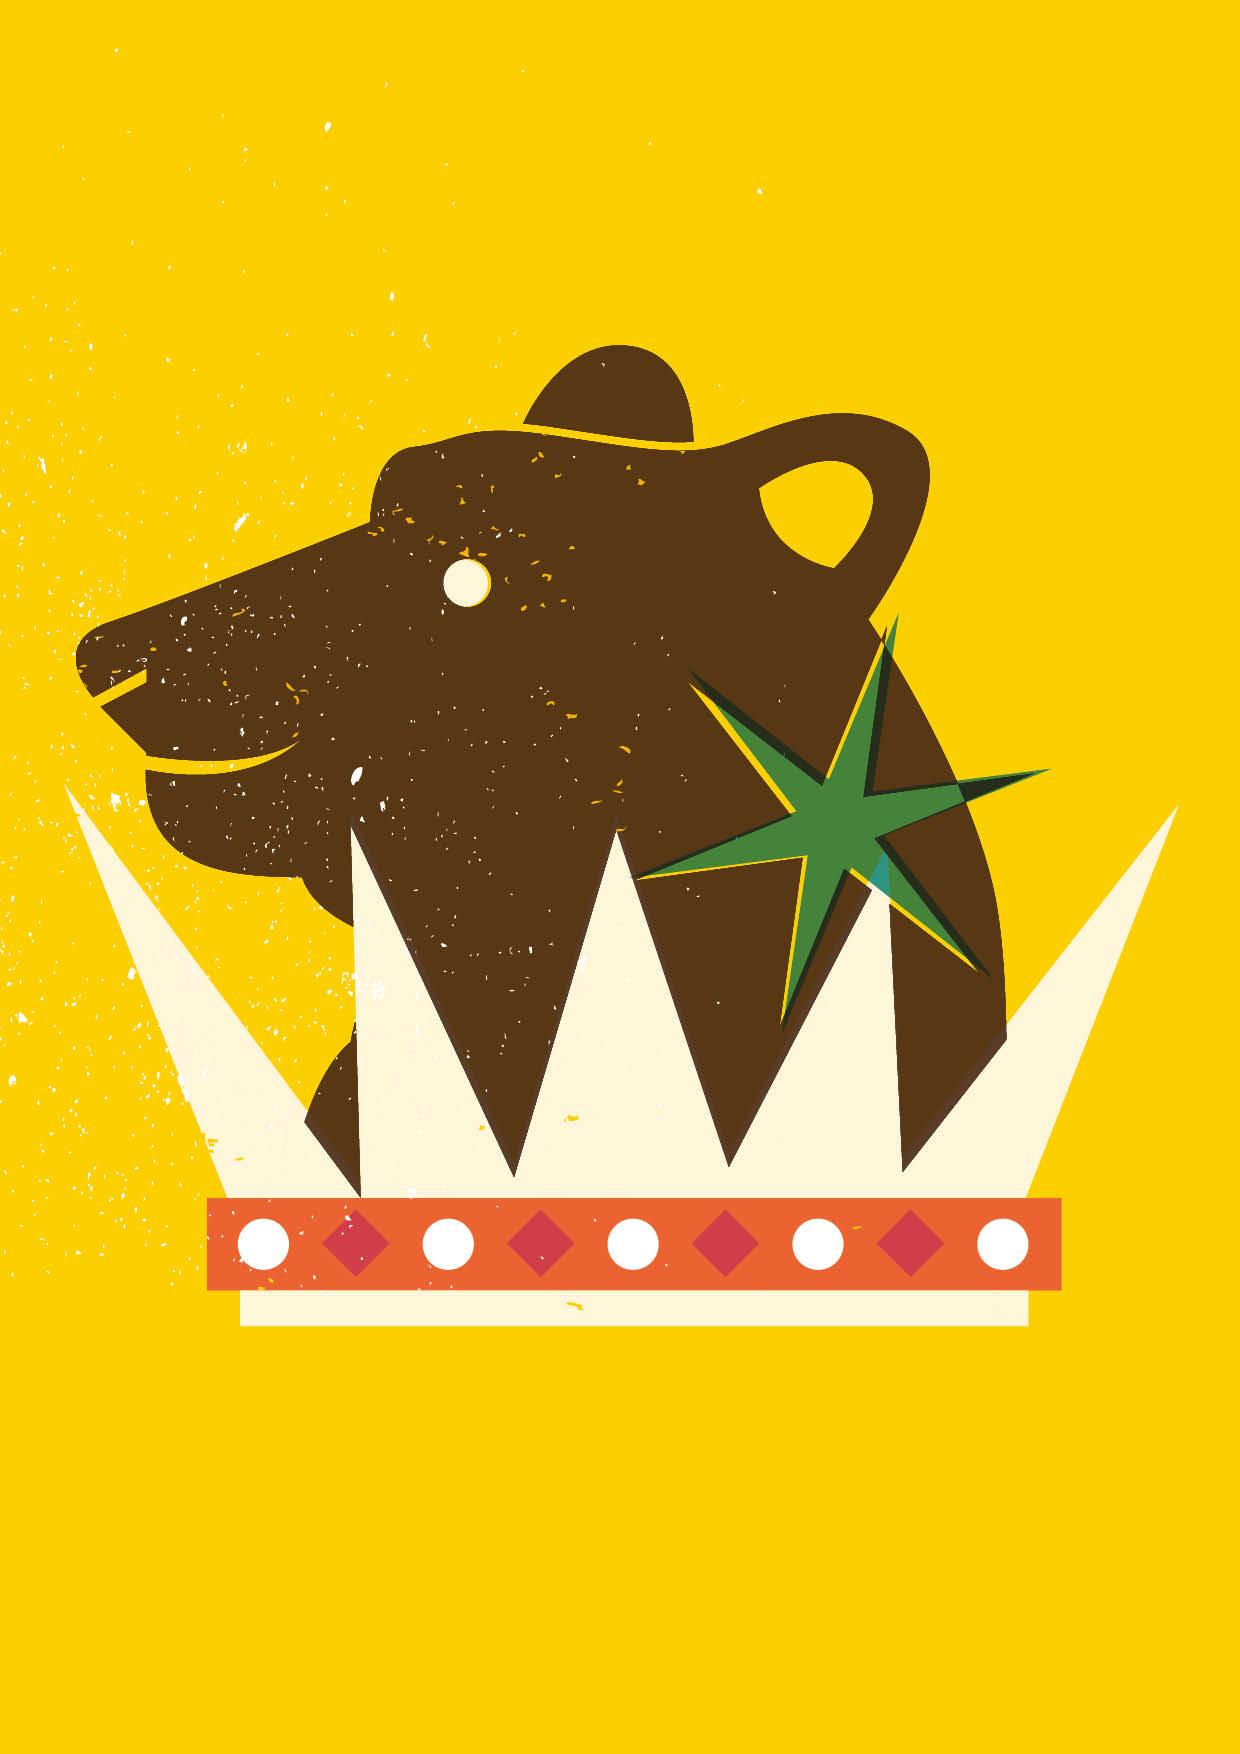 Beer Illustrations62.jpg